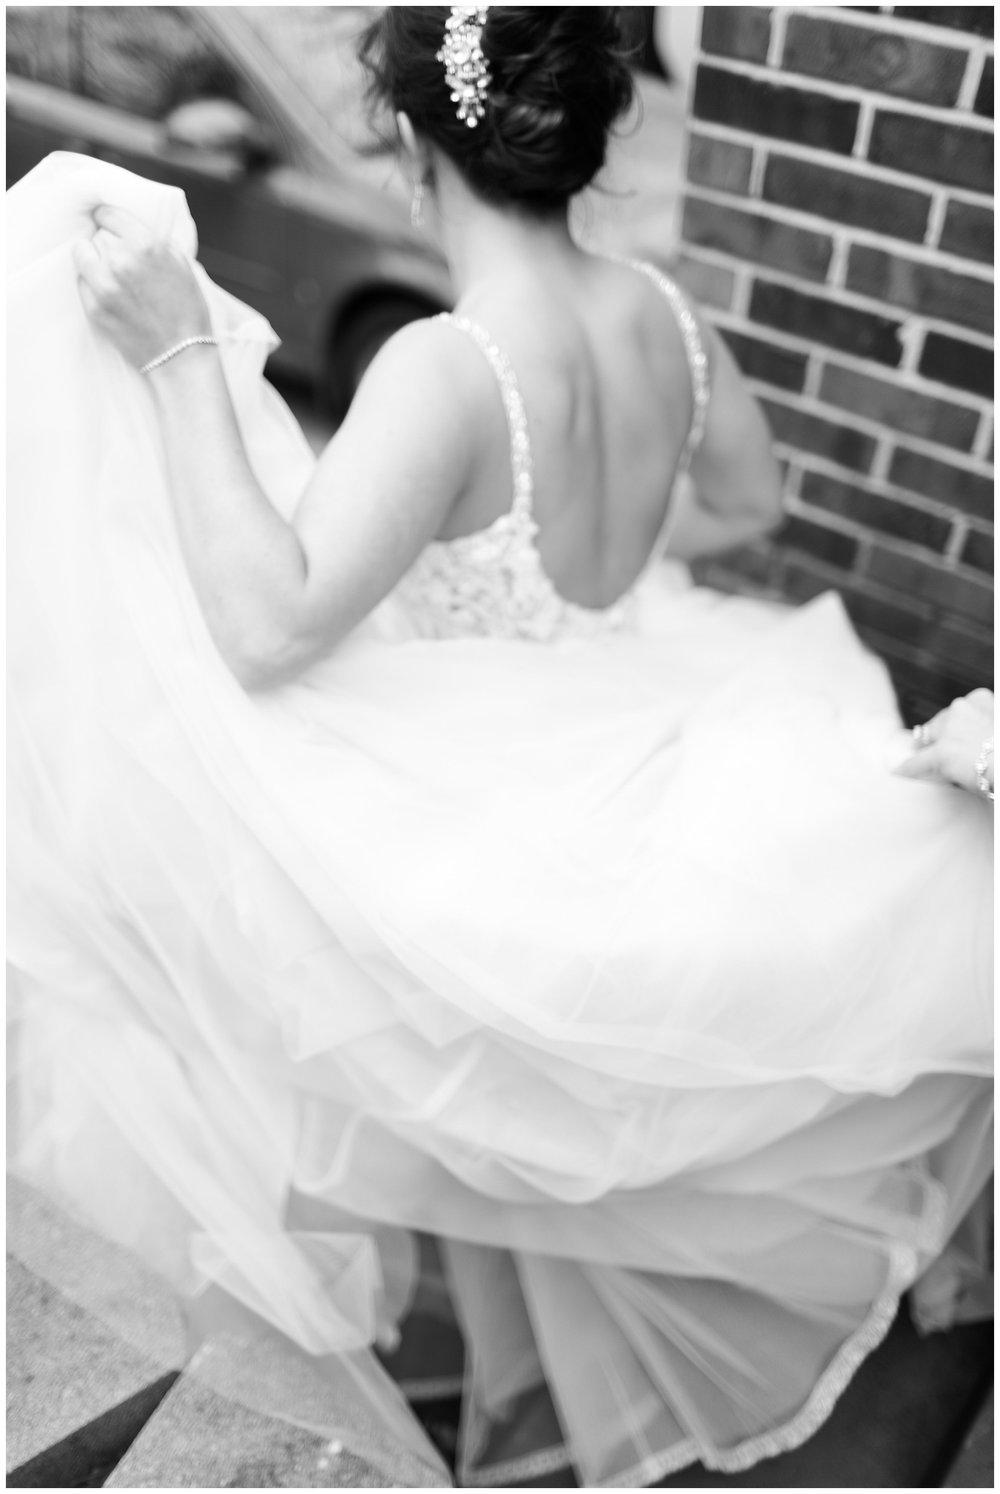 st-louis-photography_maternity_lauren-muckler-photography_film_st-louis-film-photographer_0238.jpg